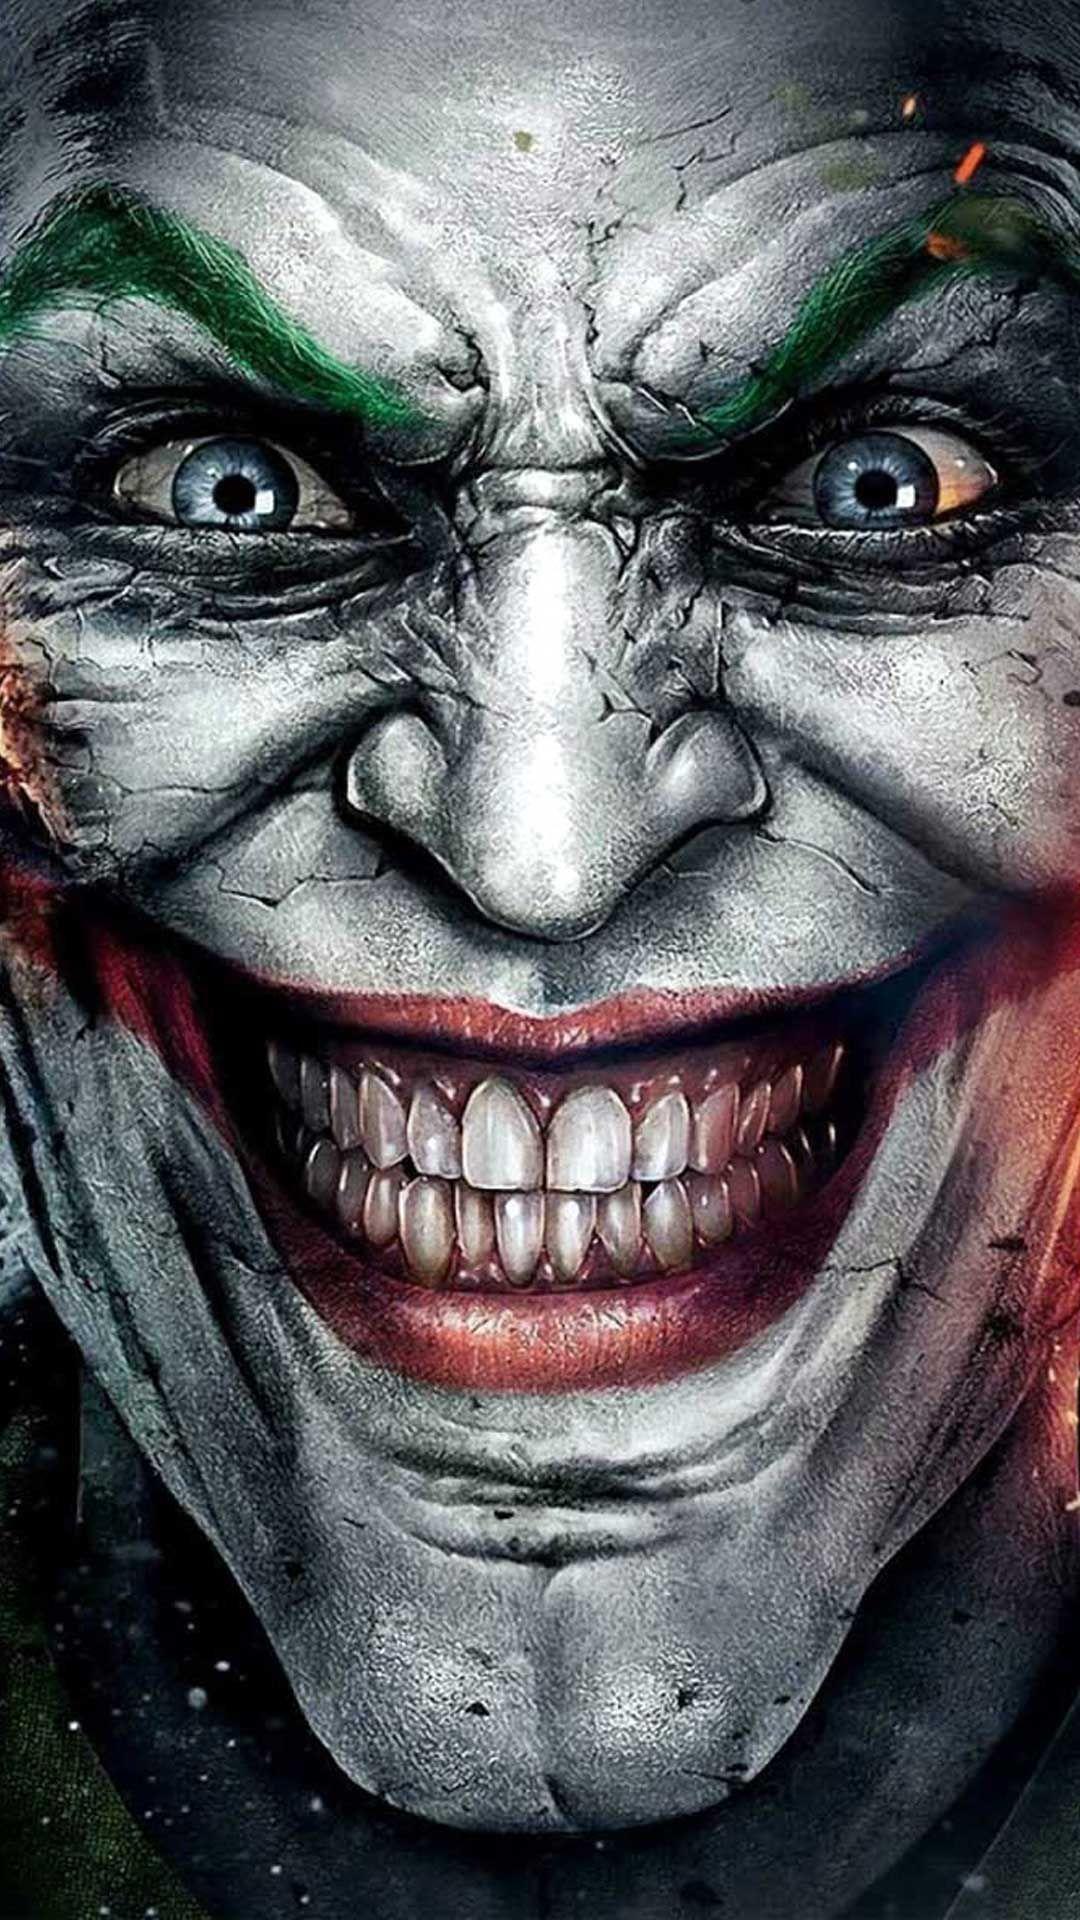 3d Joker Iphone Wallpapers Top Free 3d Joker Iphone Backgrounds Wallpaperaccess